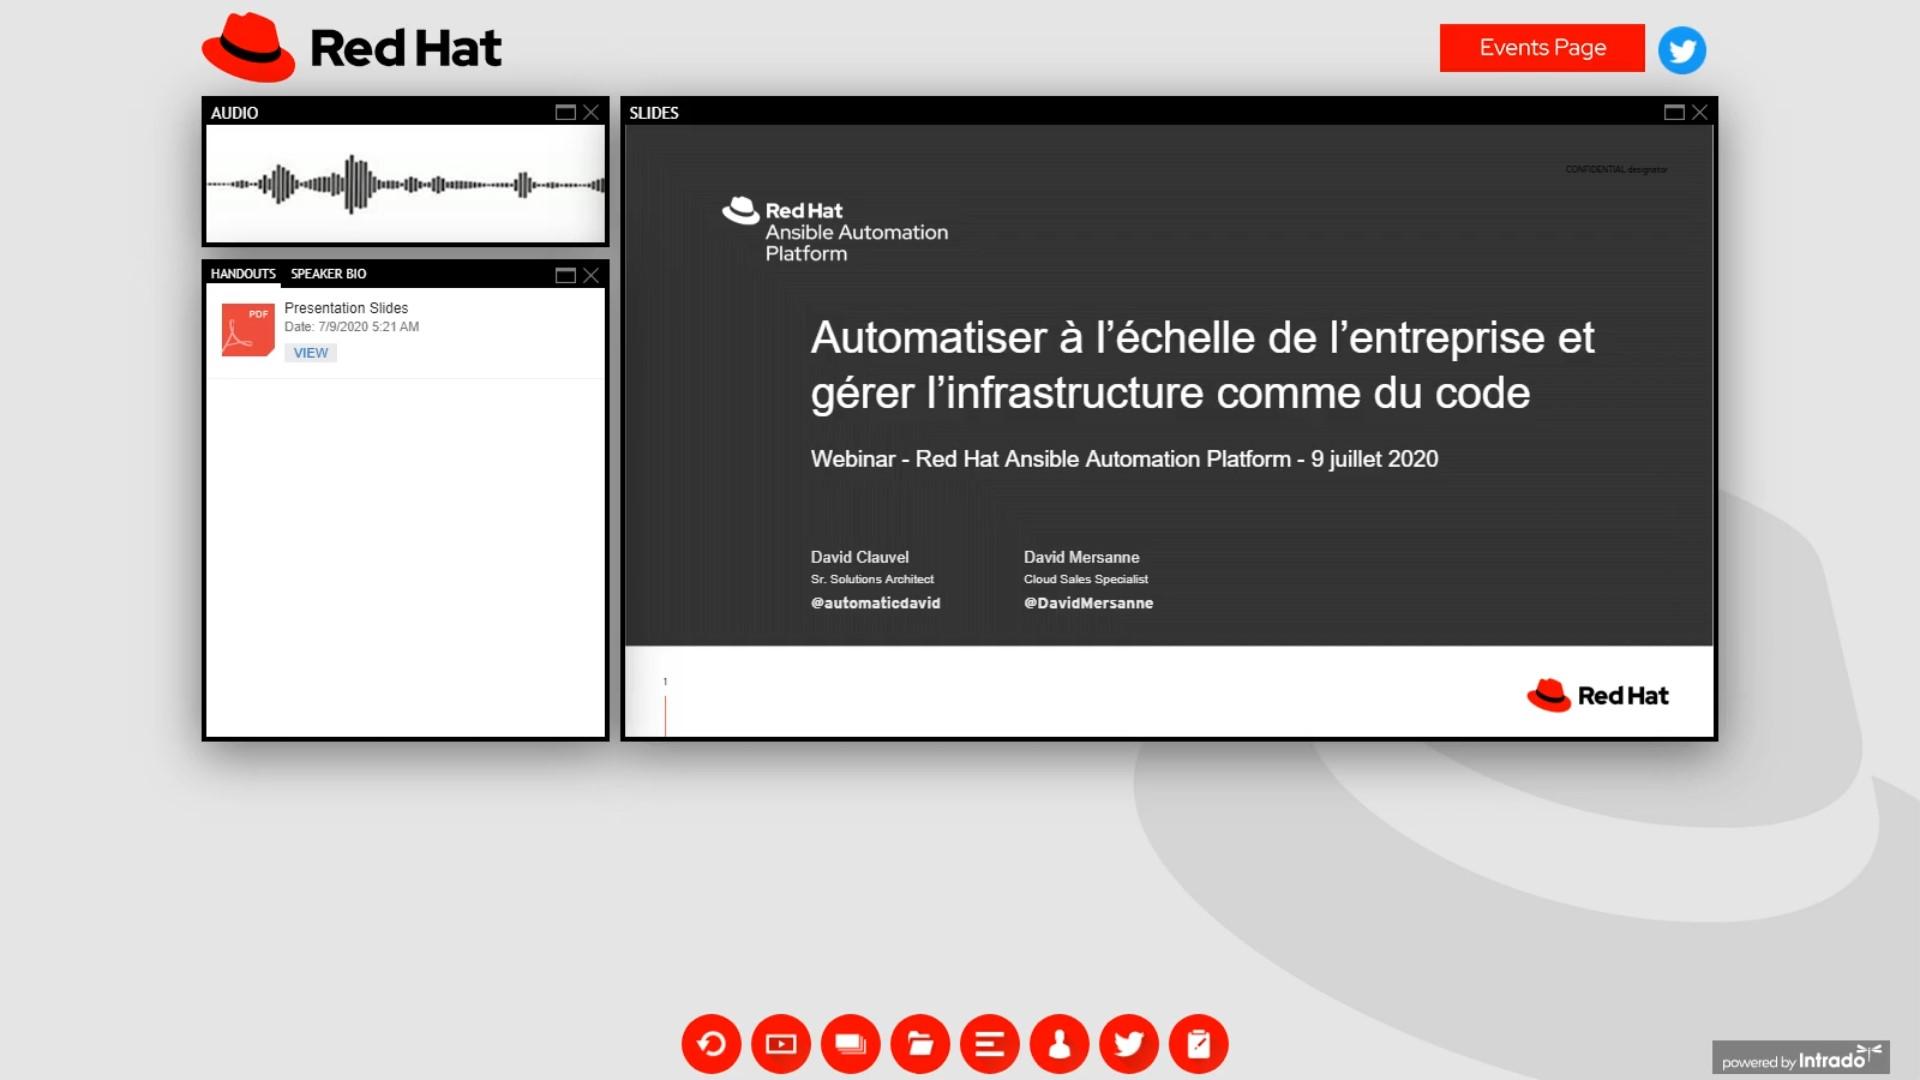 Automatiser à l'échelle de l'entreprise et gérer l'infrastructure comme du code avec Red Hat Ansible Automation Platform